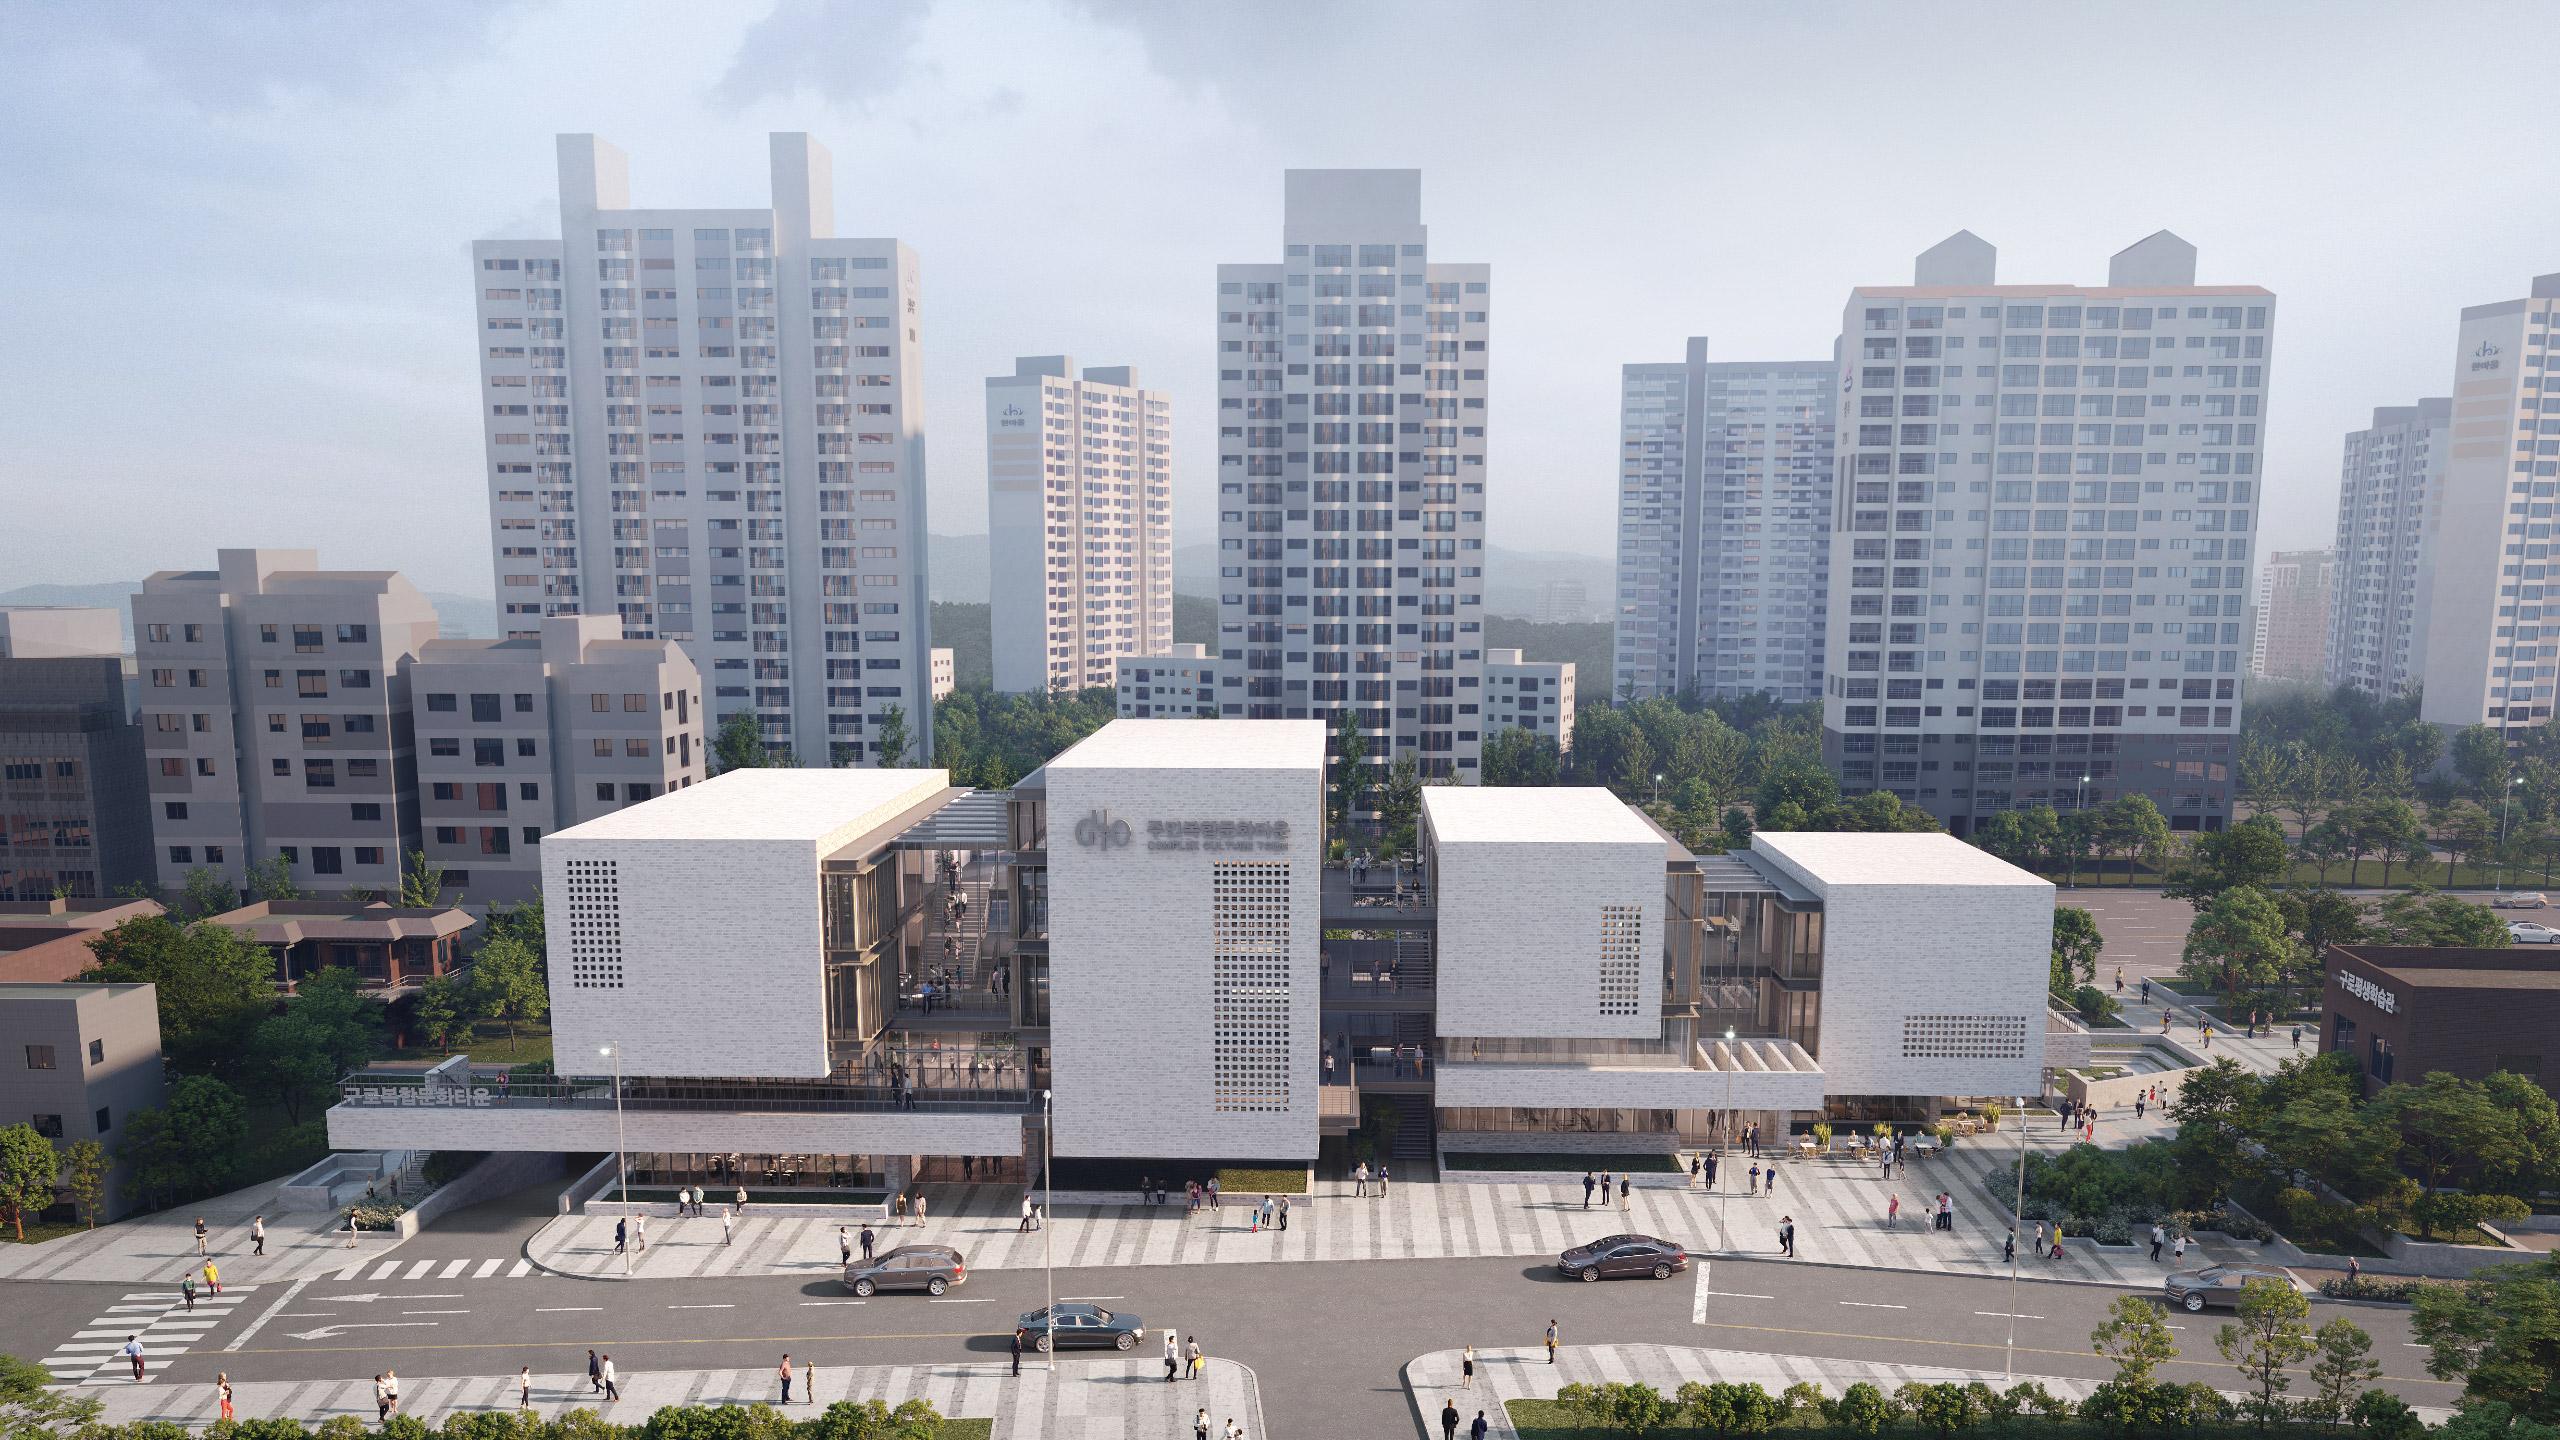 KBS송신소부지 복합문화타운 건립사업 설계공모 당선